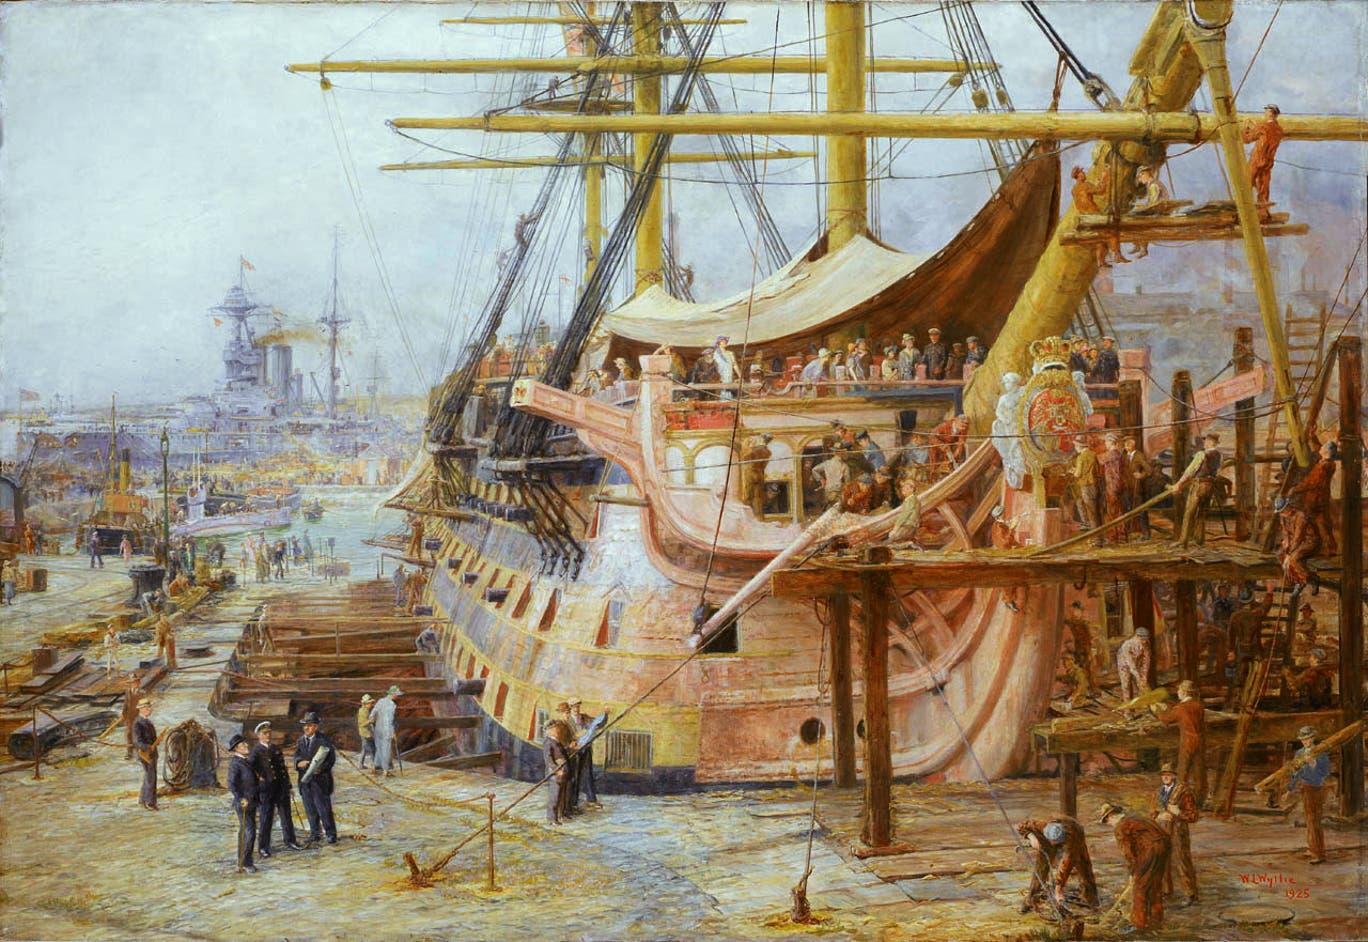 Restoring_HMS_Victory,_by_William_Lionel_Wyllie.jpg